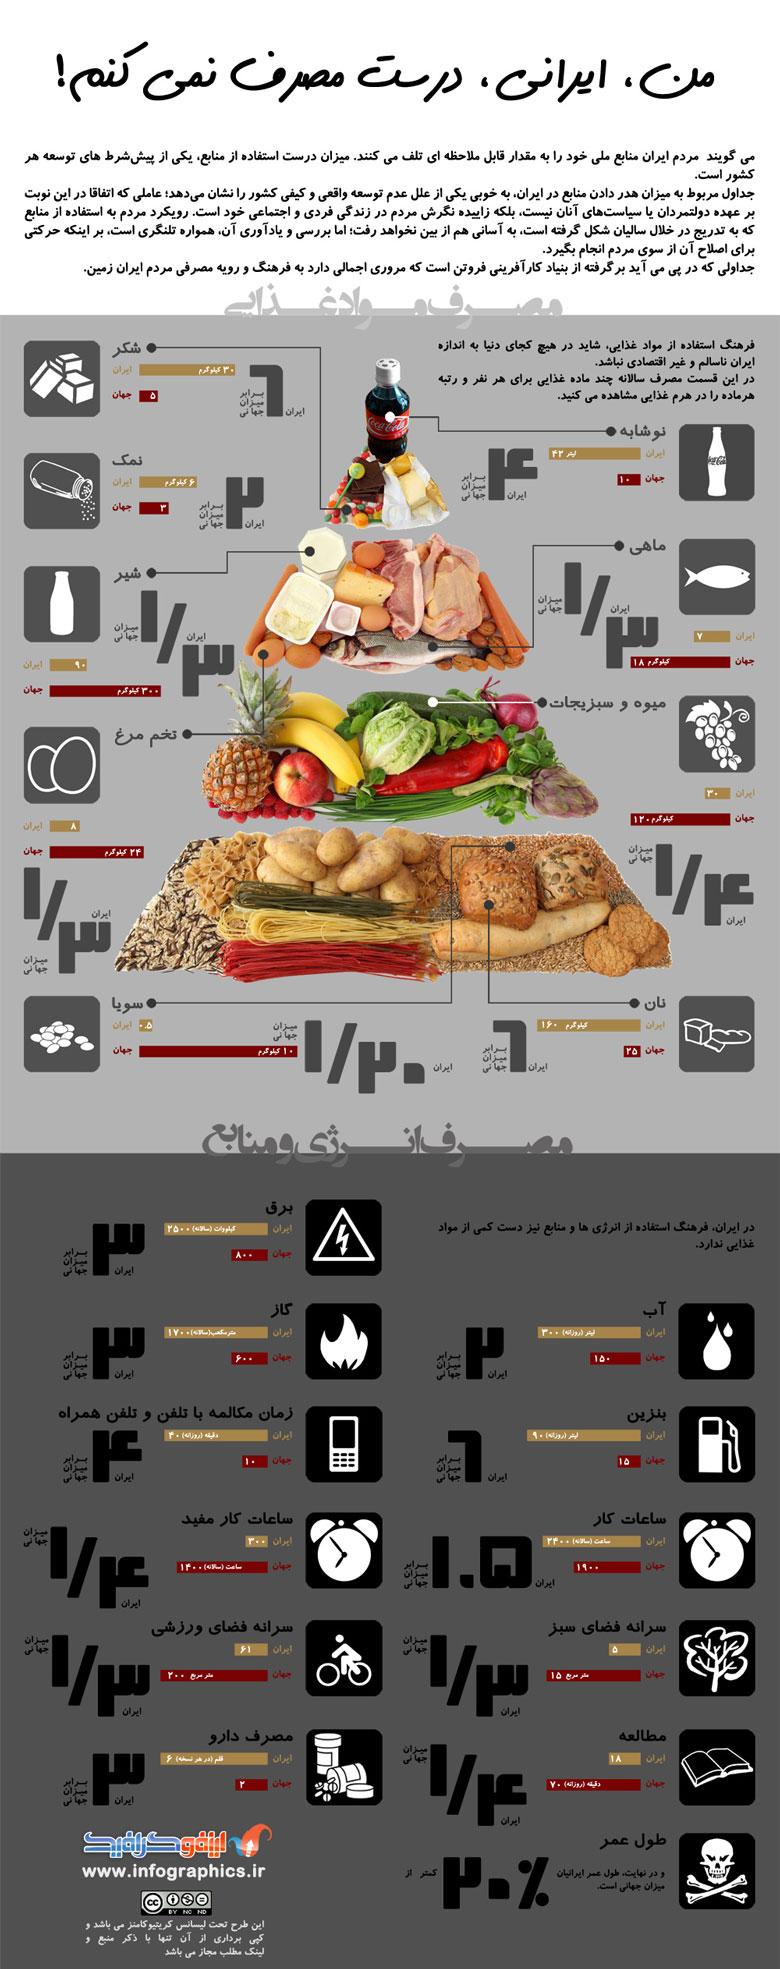 ایرانی خوب مصرف نمیکند